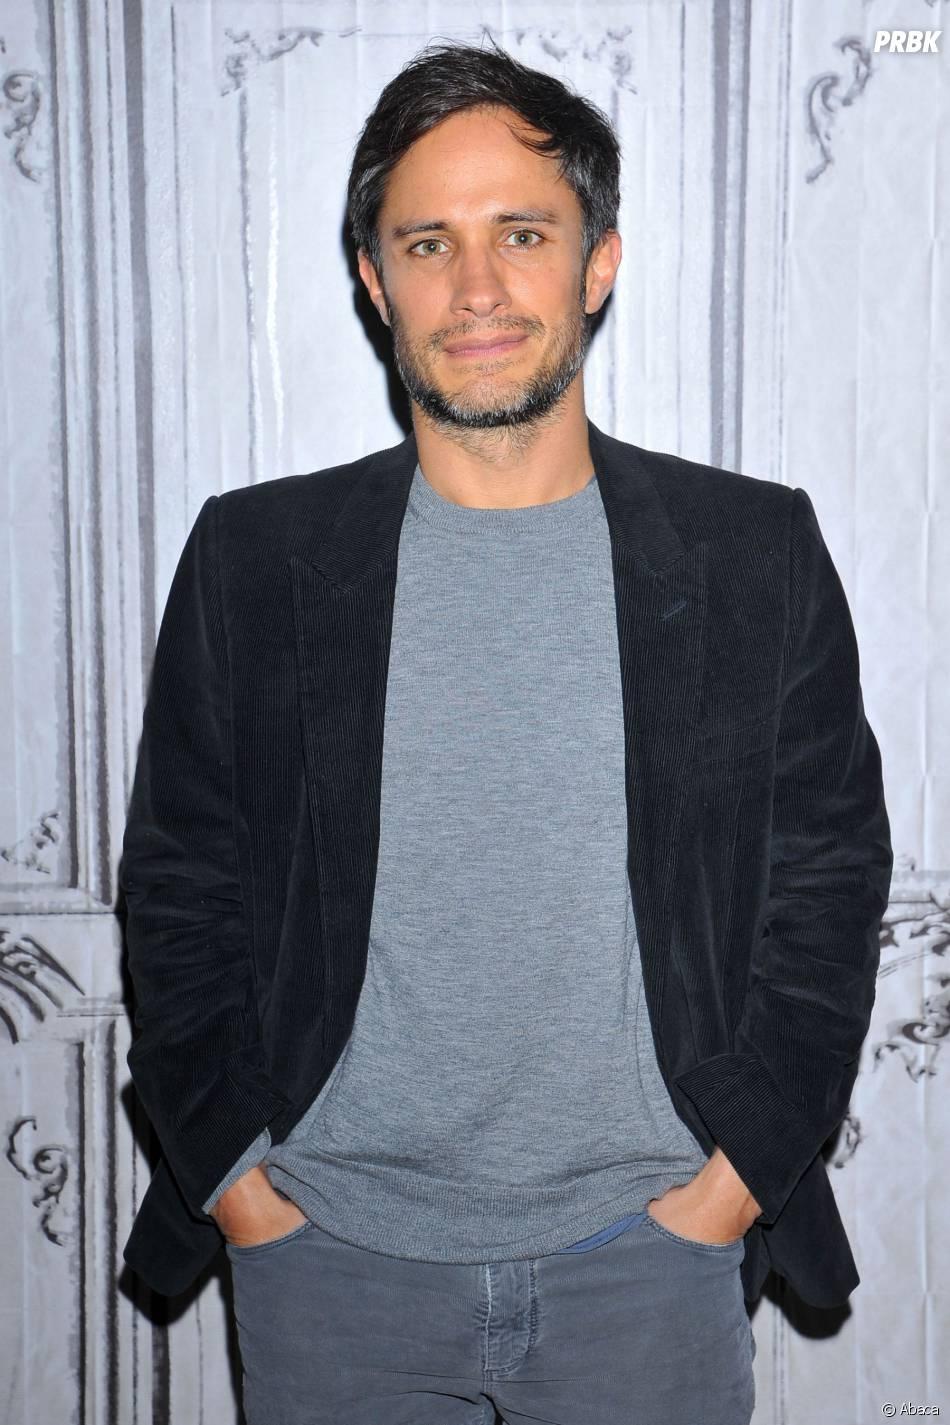 Gael Garcia Bernal remplace Antonio Banderas dans le rôle de Zorro